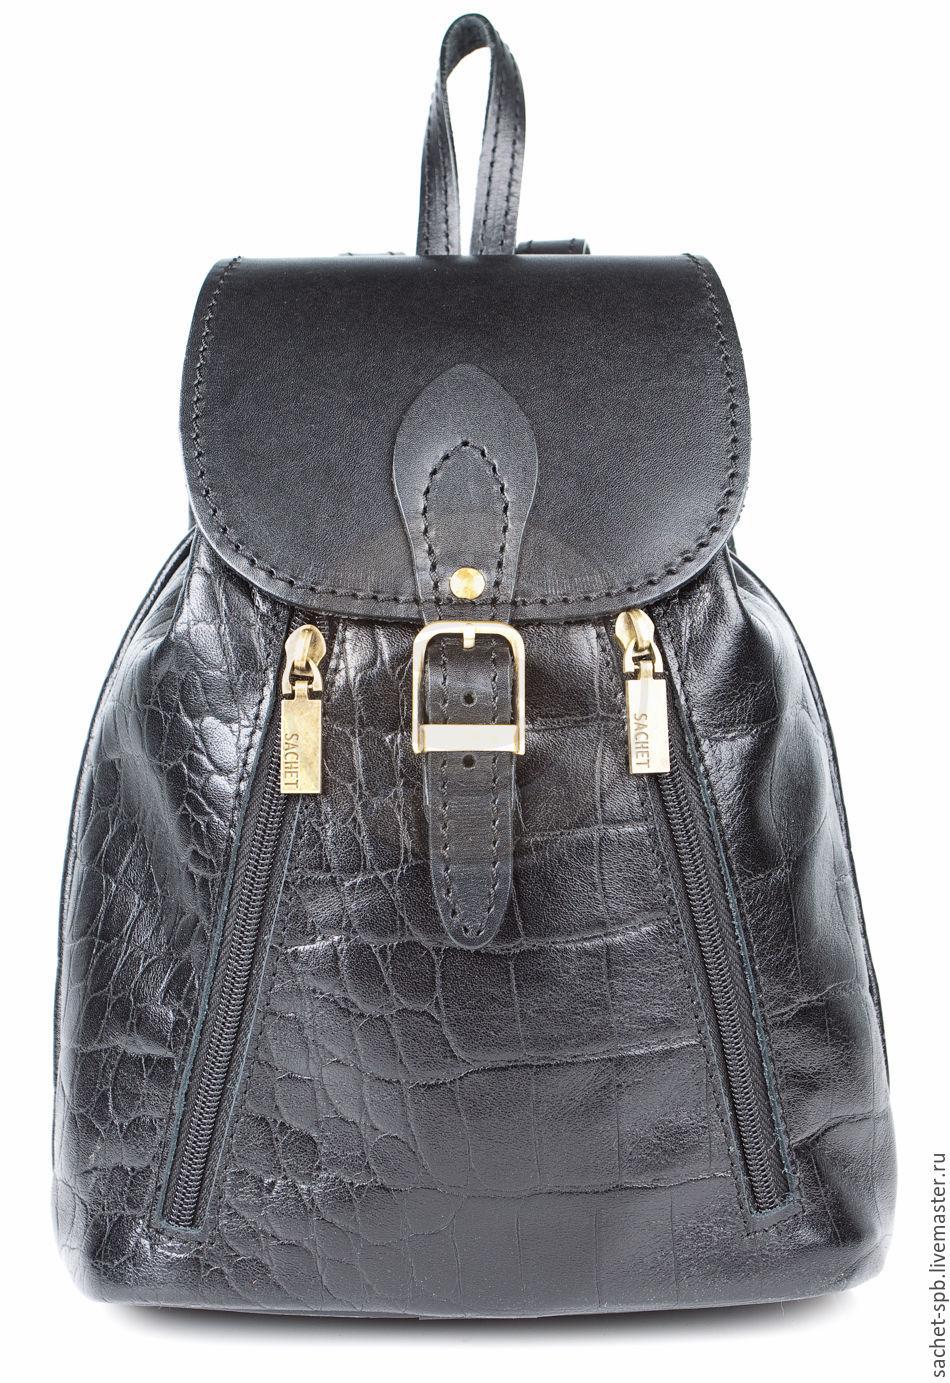 """Рюкзаки ручной работы. Ярмарка Мастеров - ручная работа. Купить Женский кожаный рюкзак """"Жоли"""" черный тисненый. Handmade. Рюкзак"""